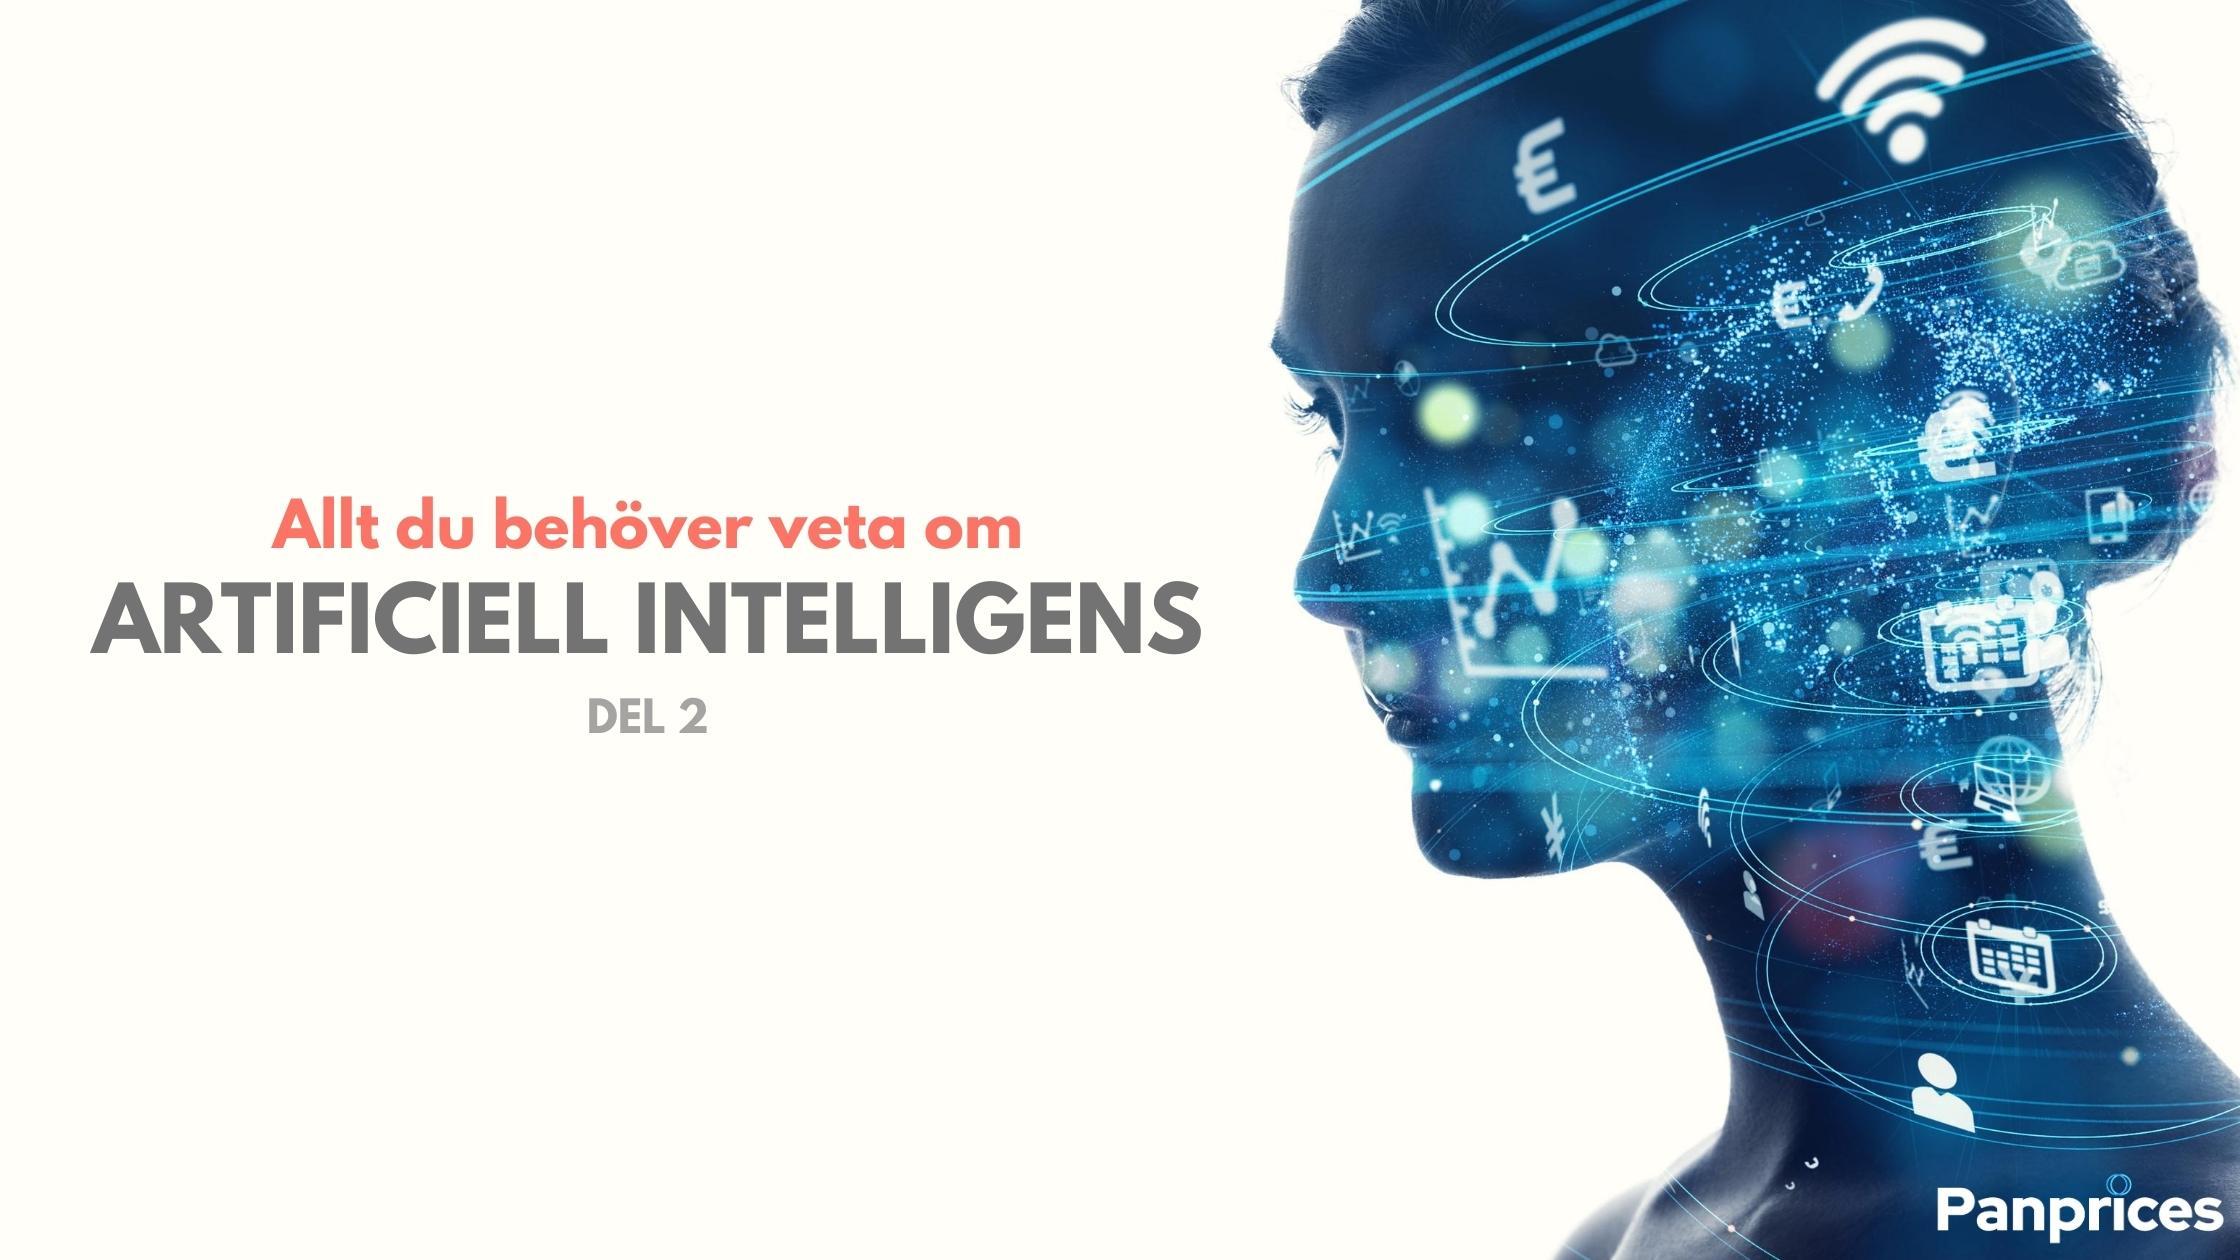 Allt du behöver veta om artificiell intelligens - Del 2